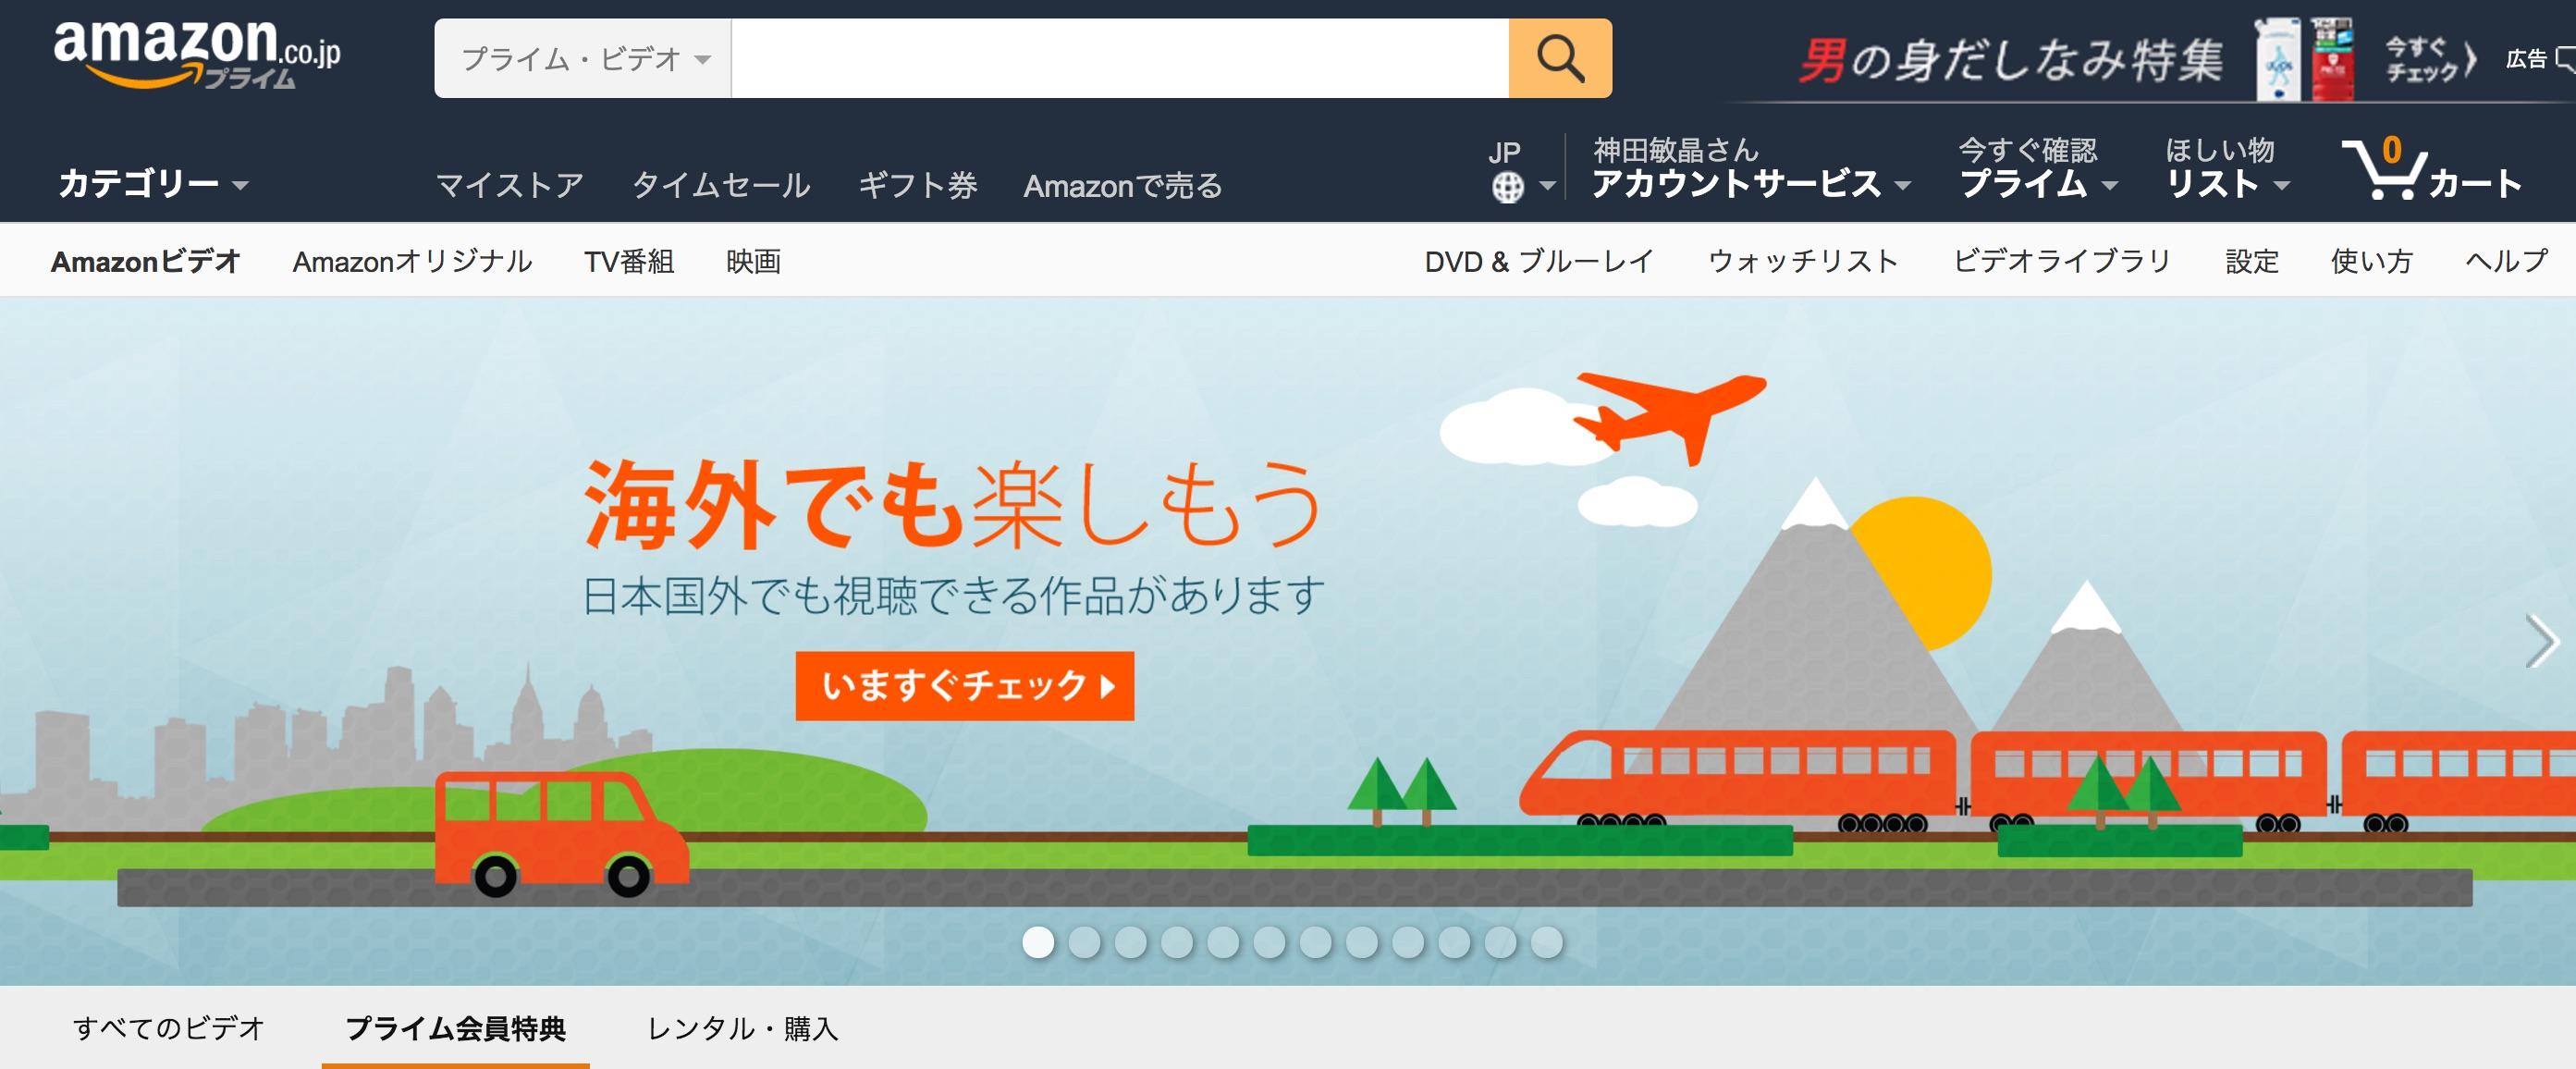 意外に少ない海外で視聴できる日本の動画コンテンツ 6